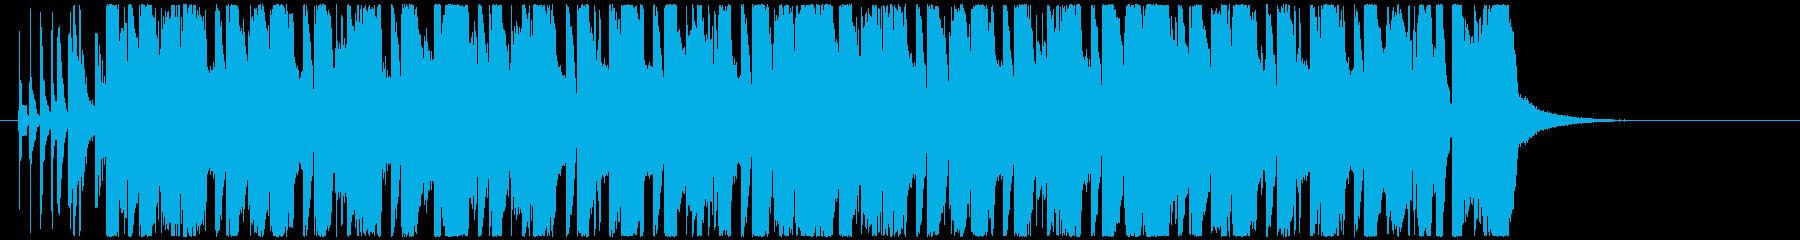 ノリノリな8BitエレクトロハウスEDMの再生済みの波形